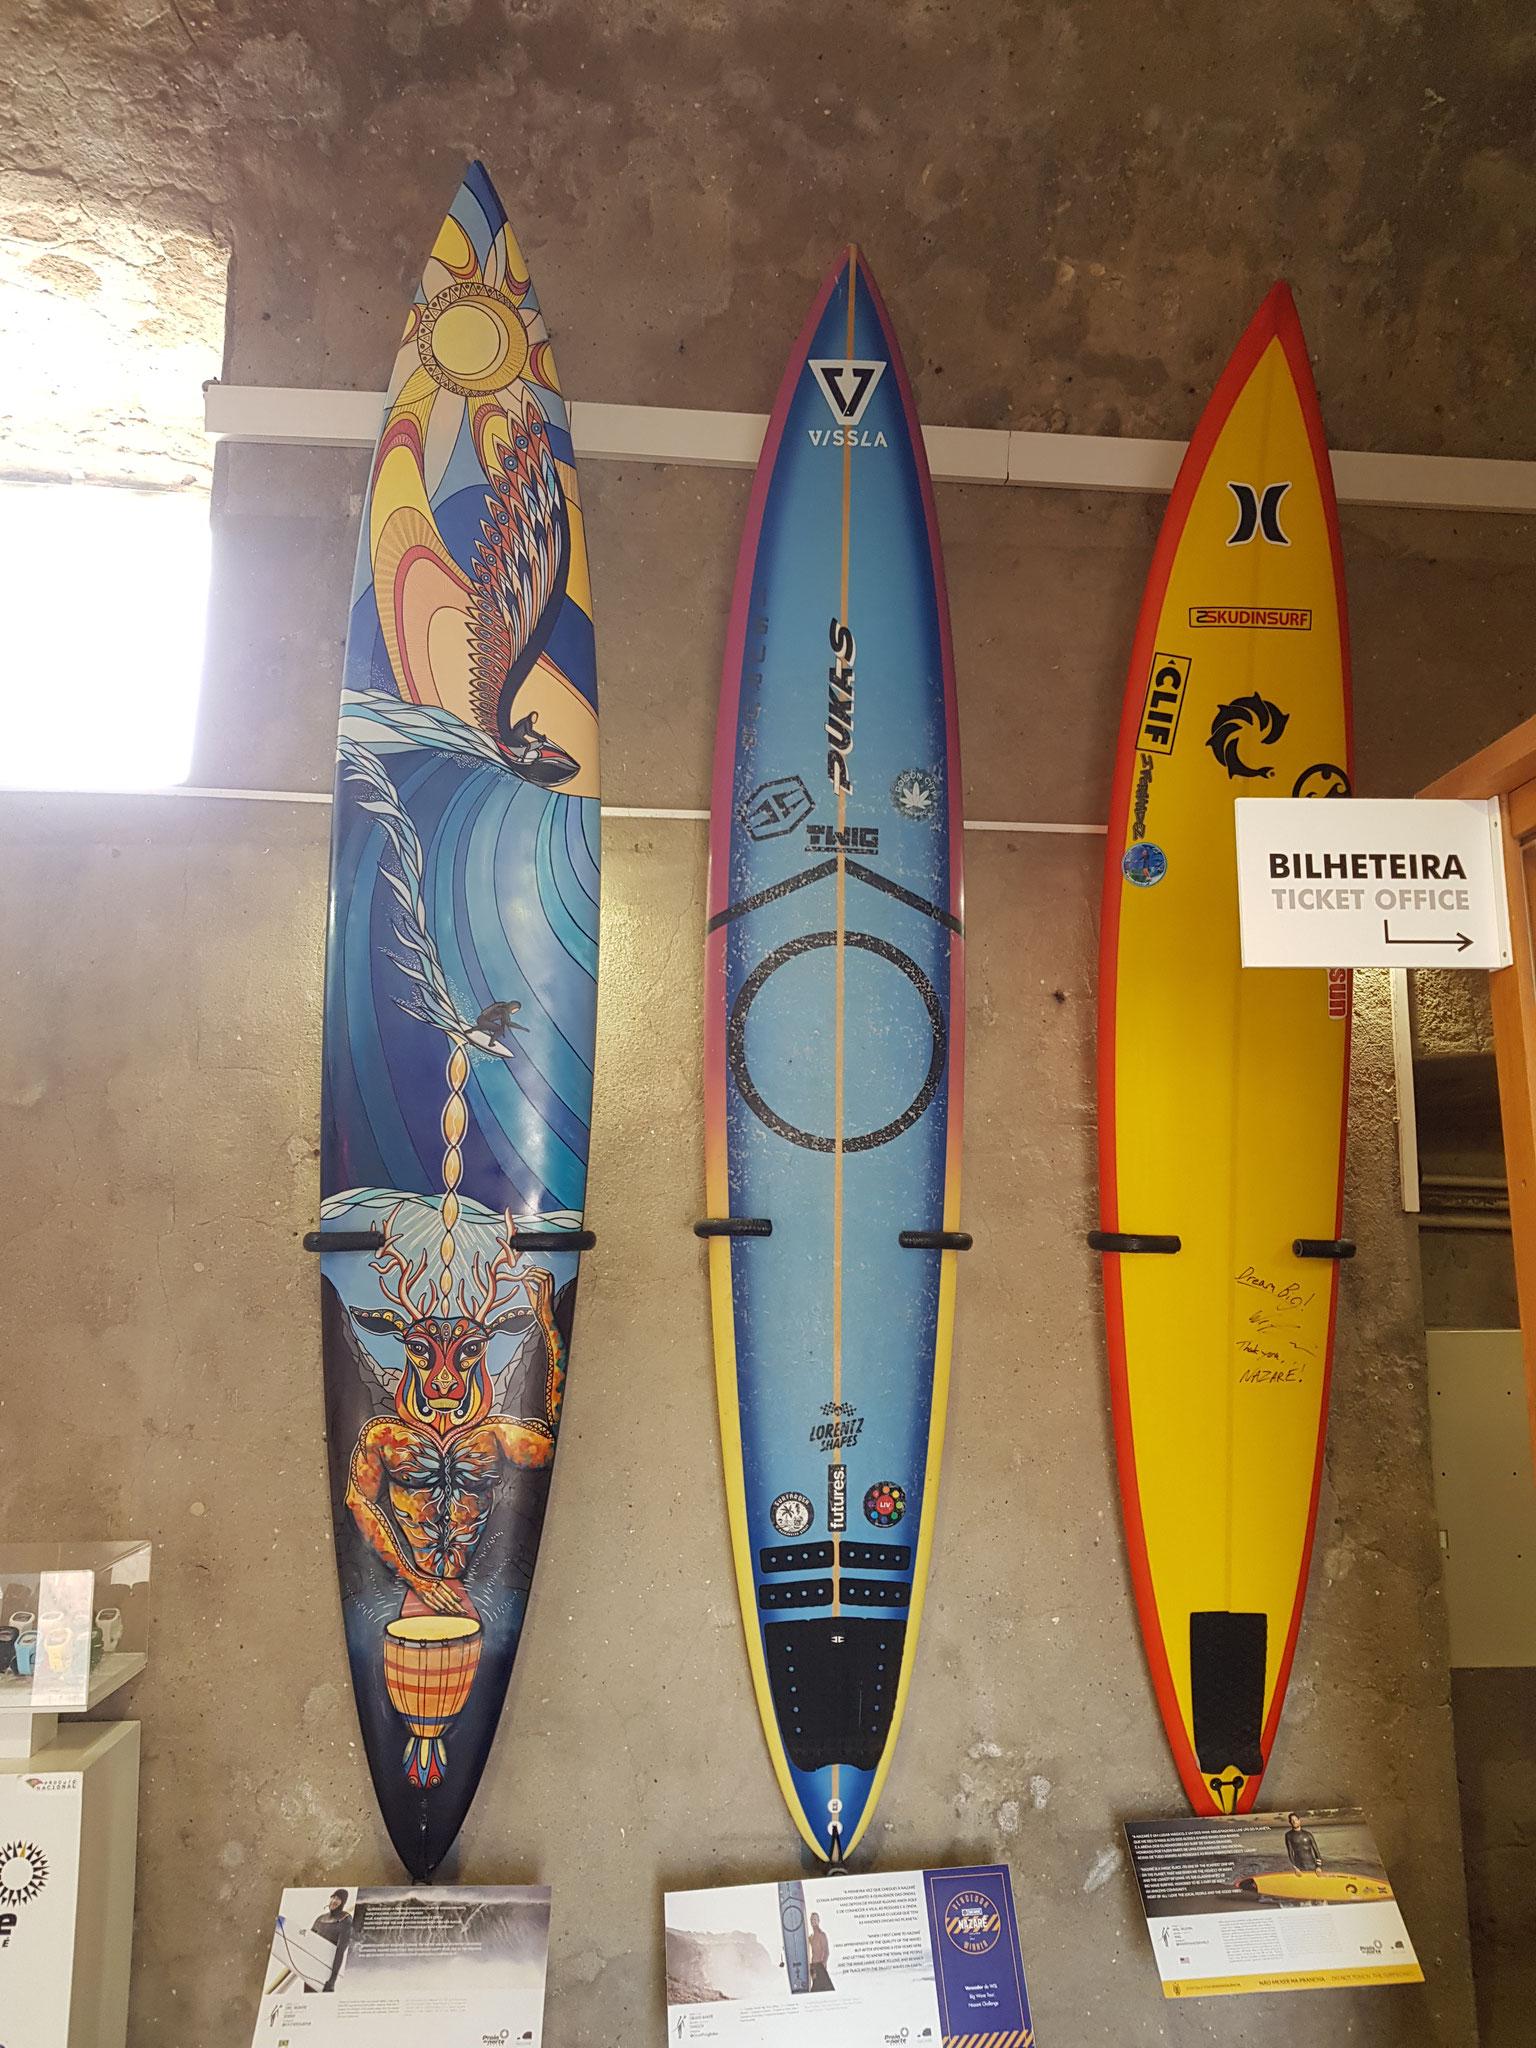 Surfer, die die Monsterwelle bezwungen haben